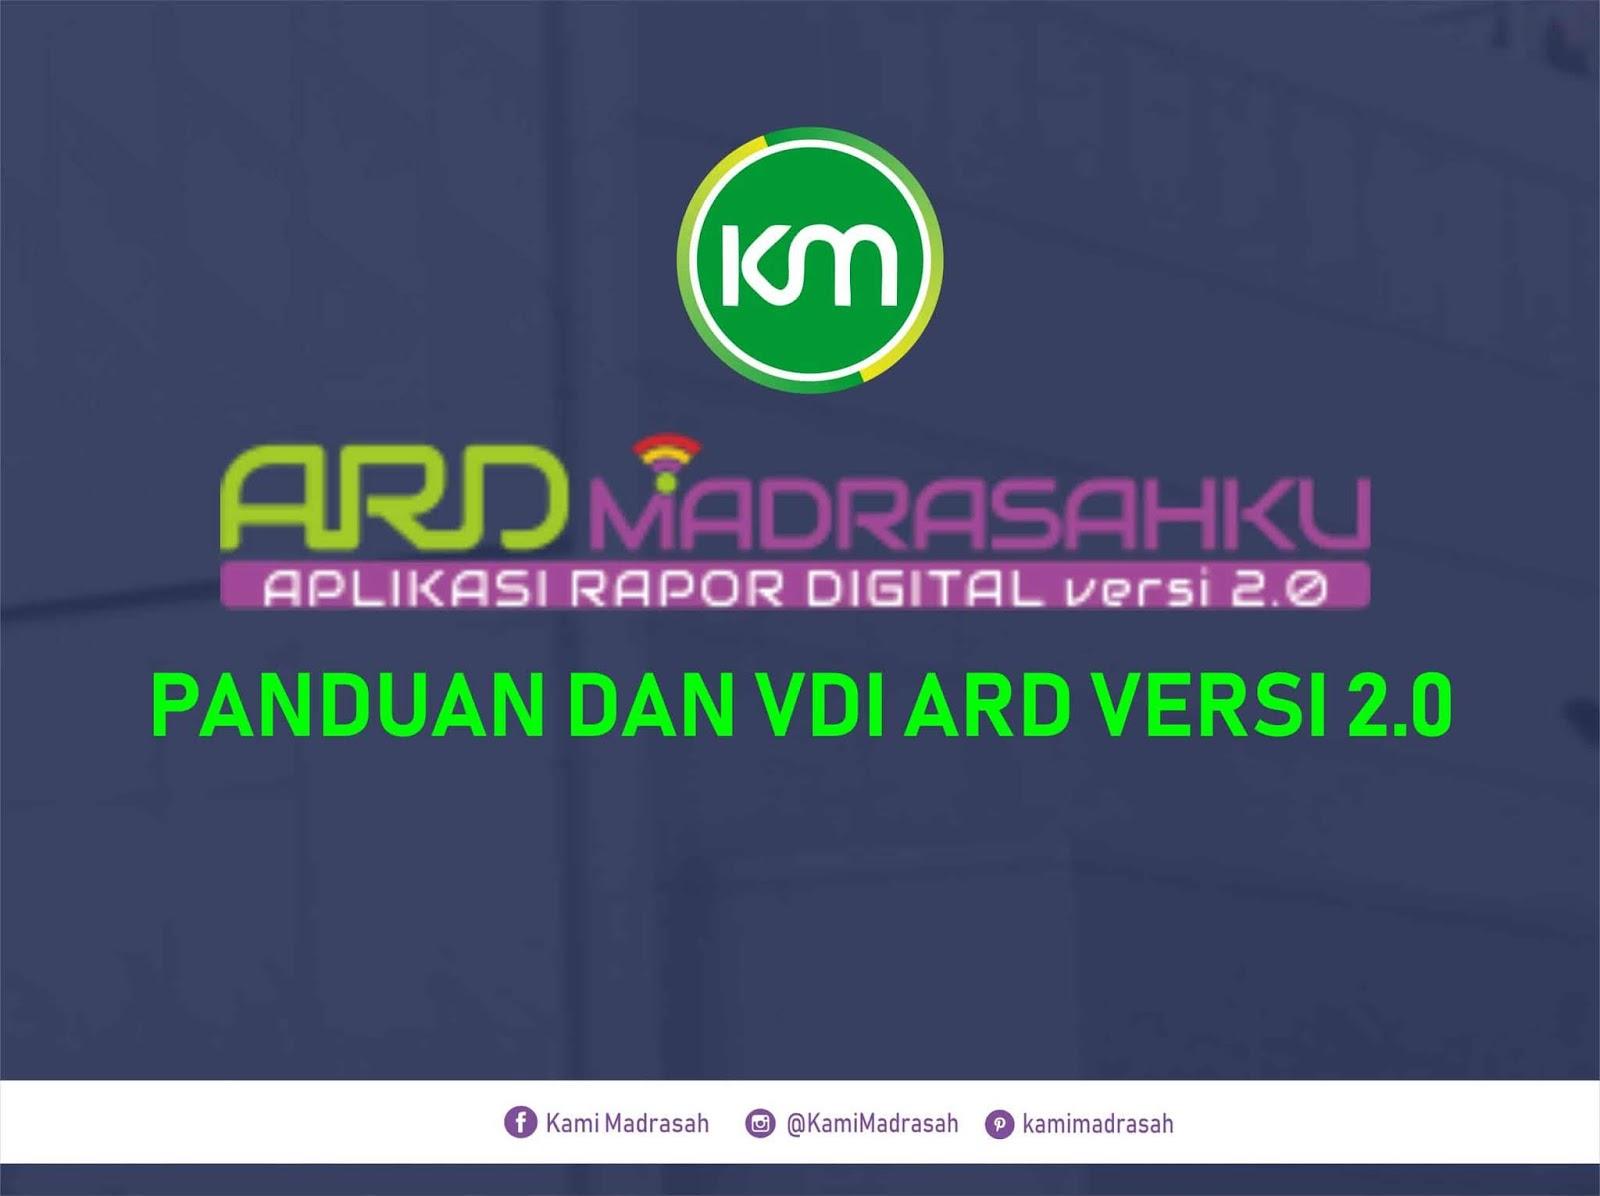 Aplikasi Raport Digital (ARD) Berbasis VDI Terbaru